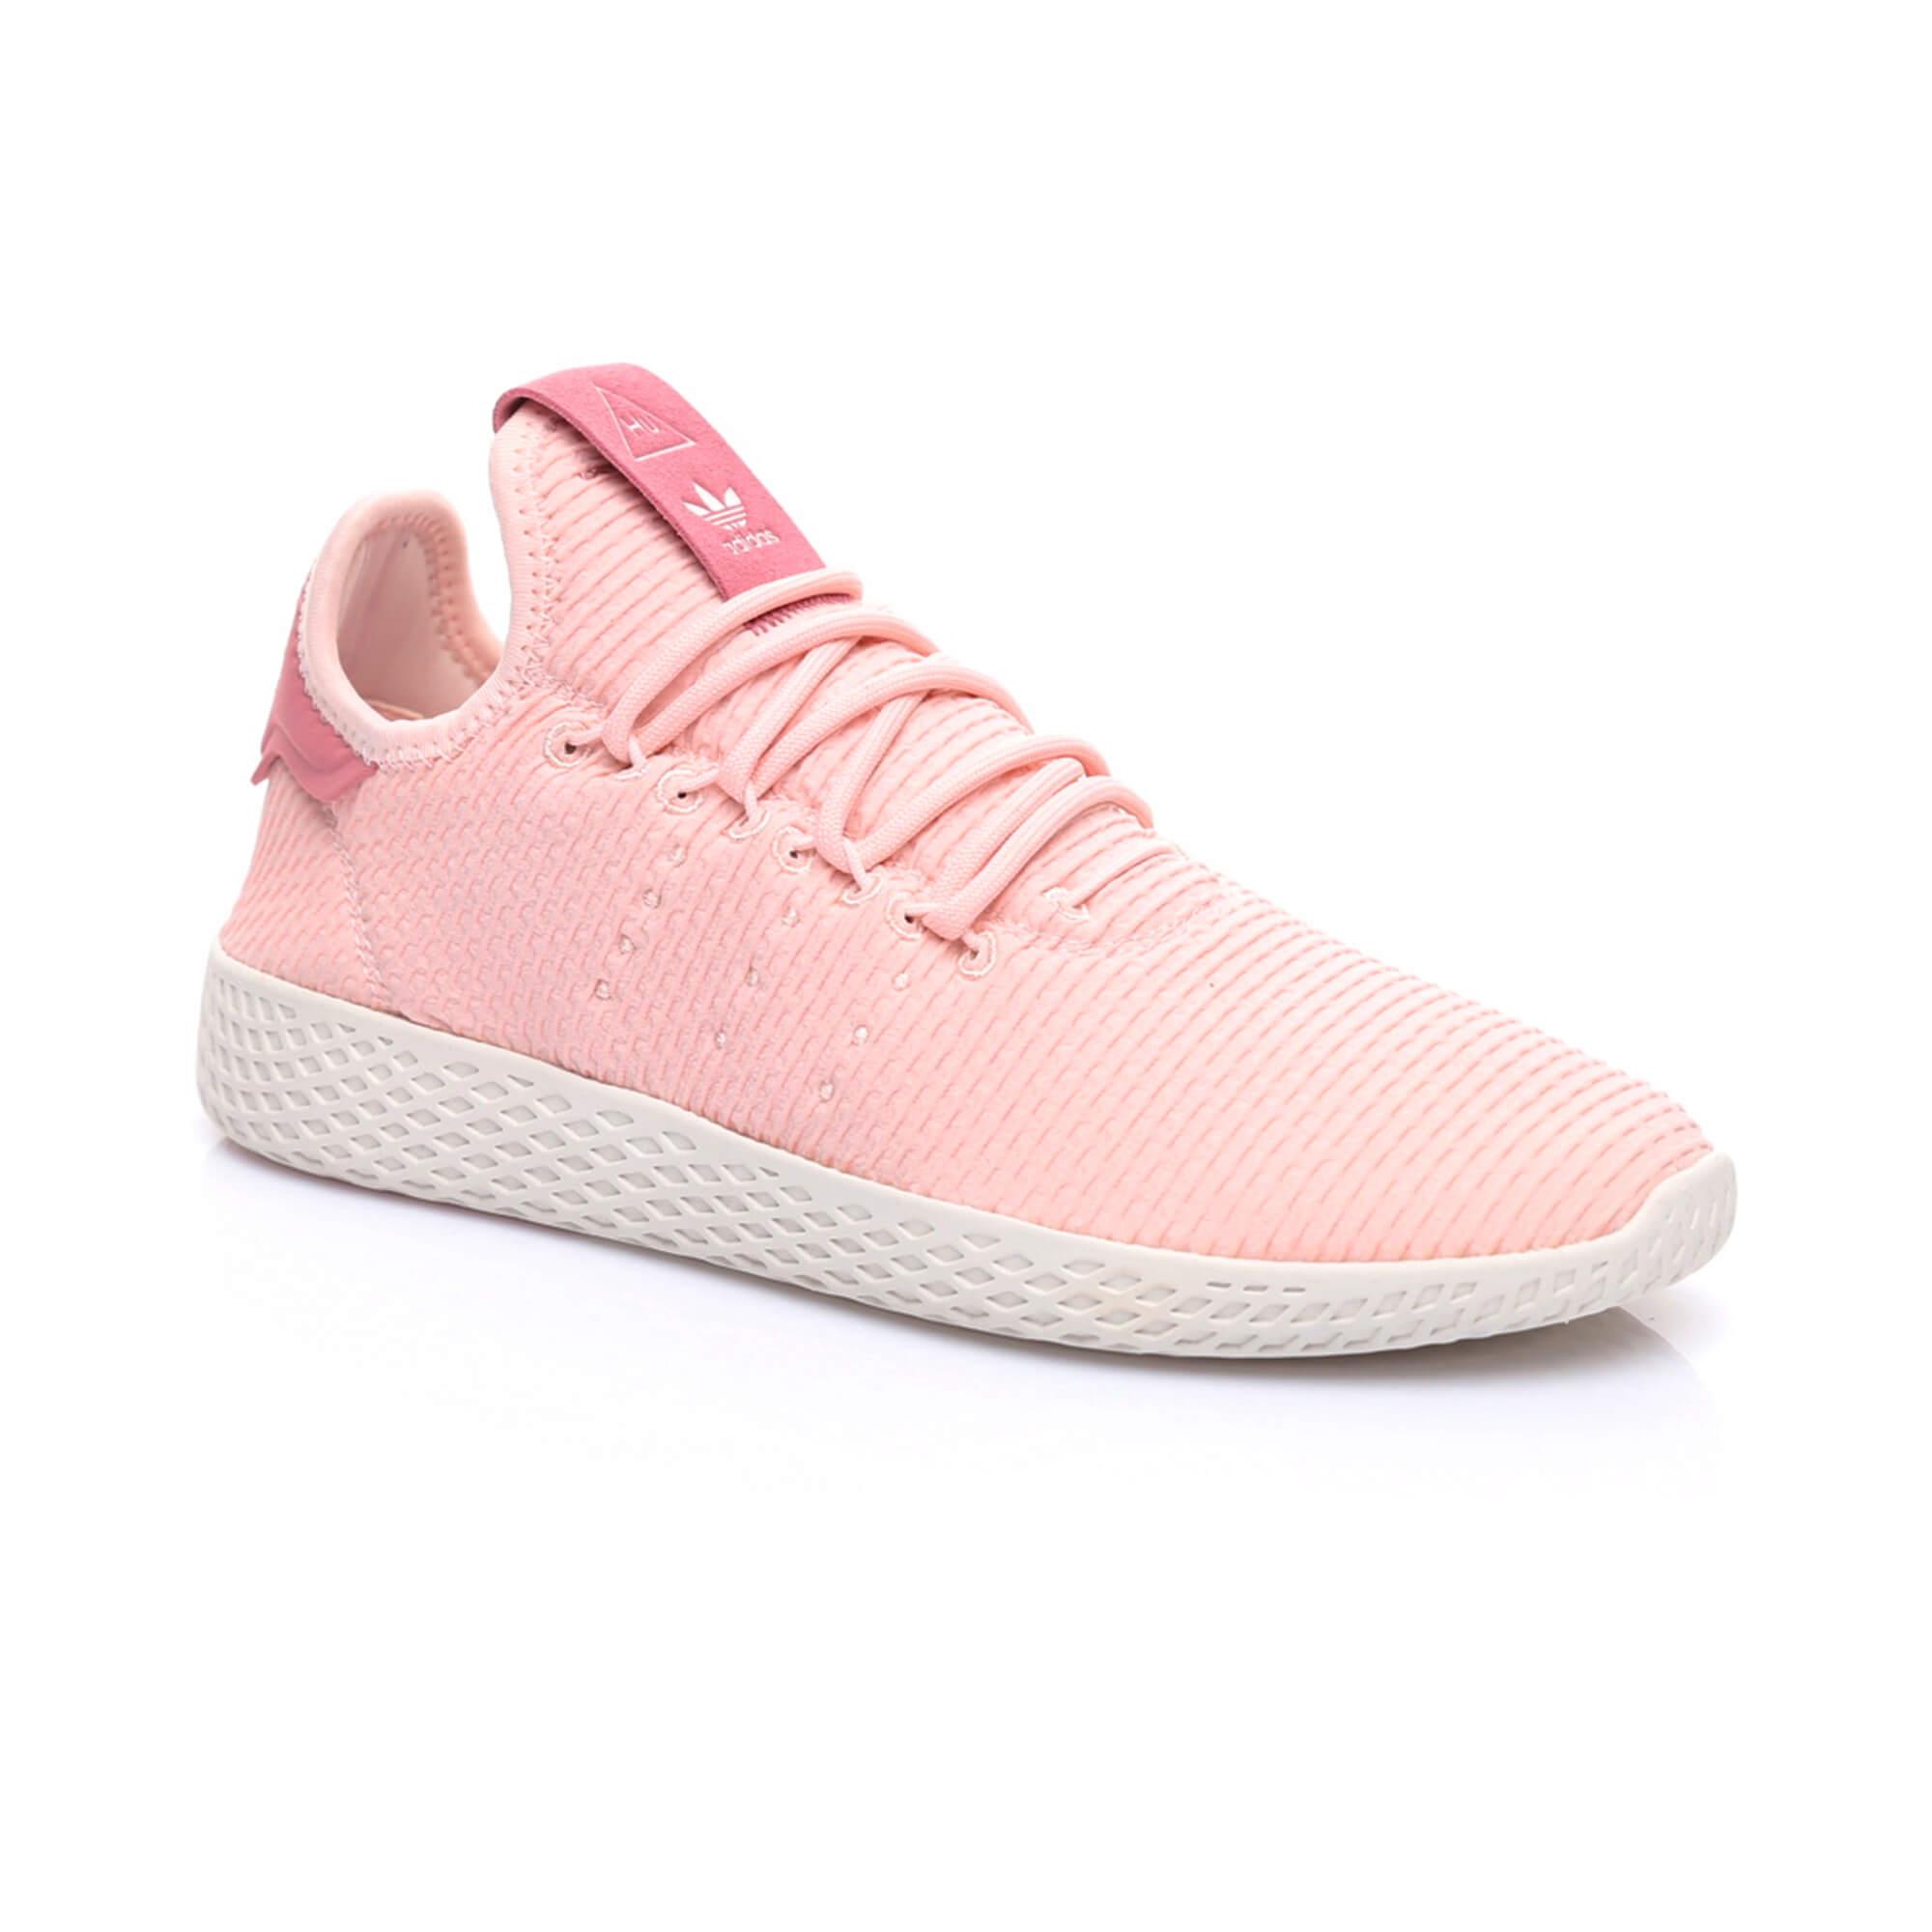 adidas Tennis Hu x Pharrell Williams Kadın Pembe Spor Ayakkabı